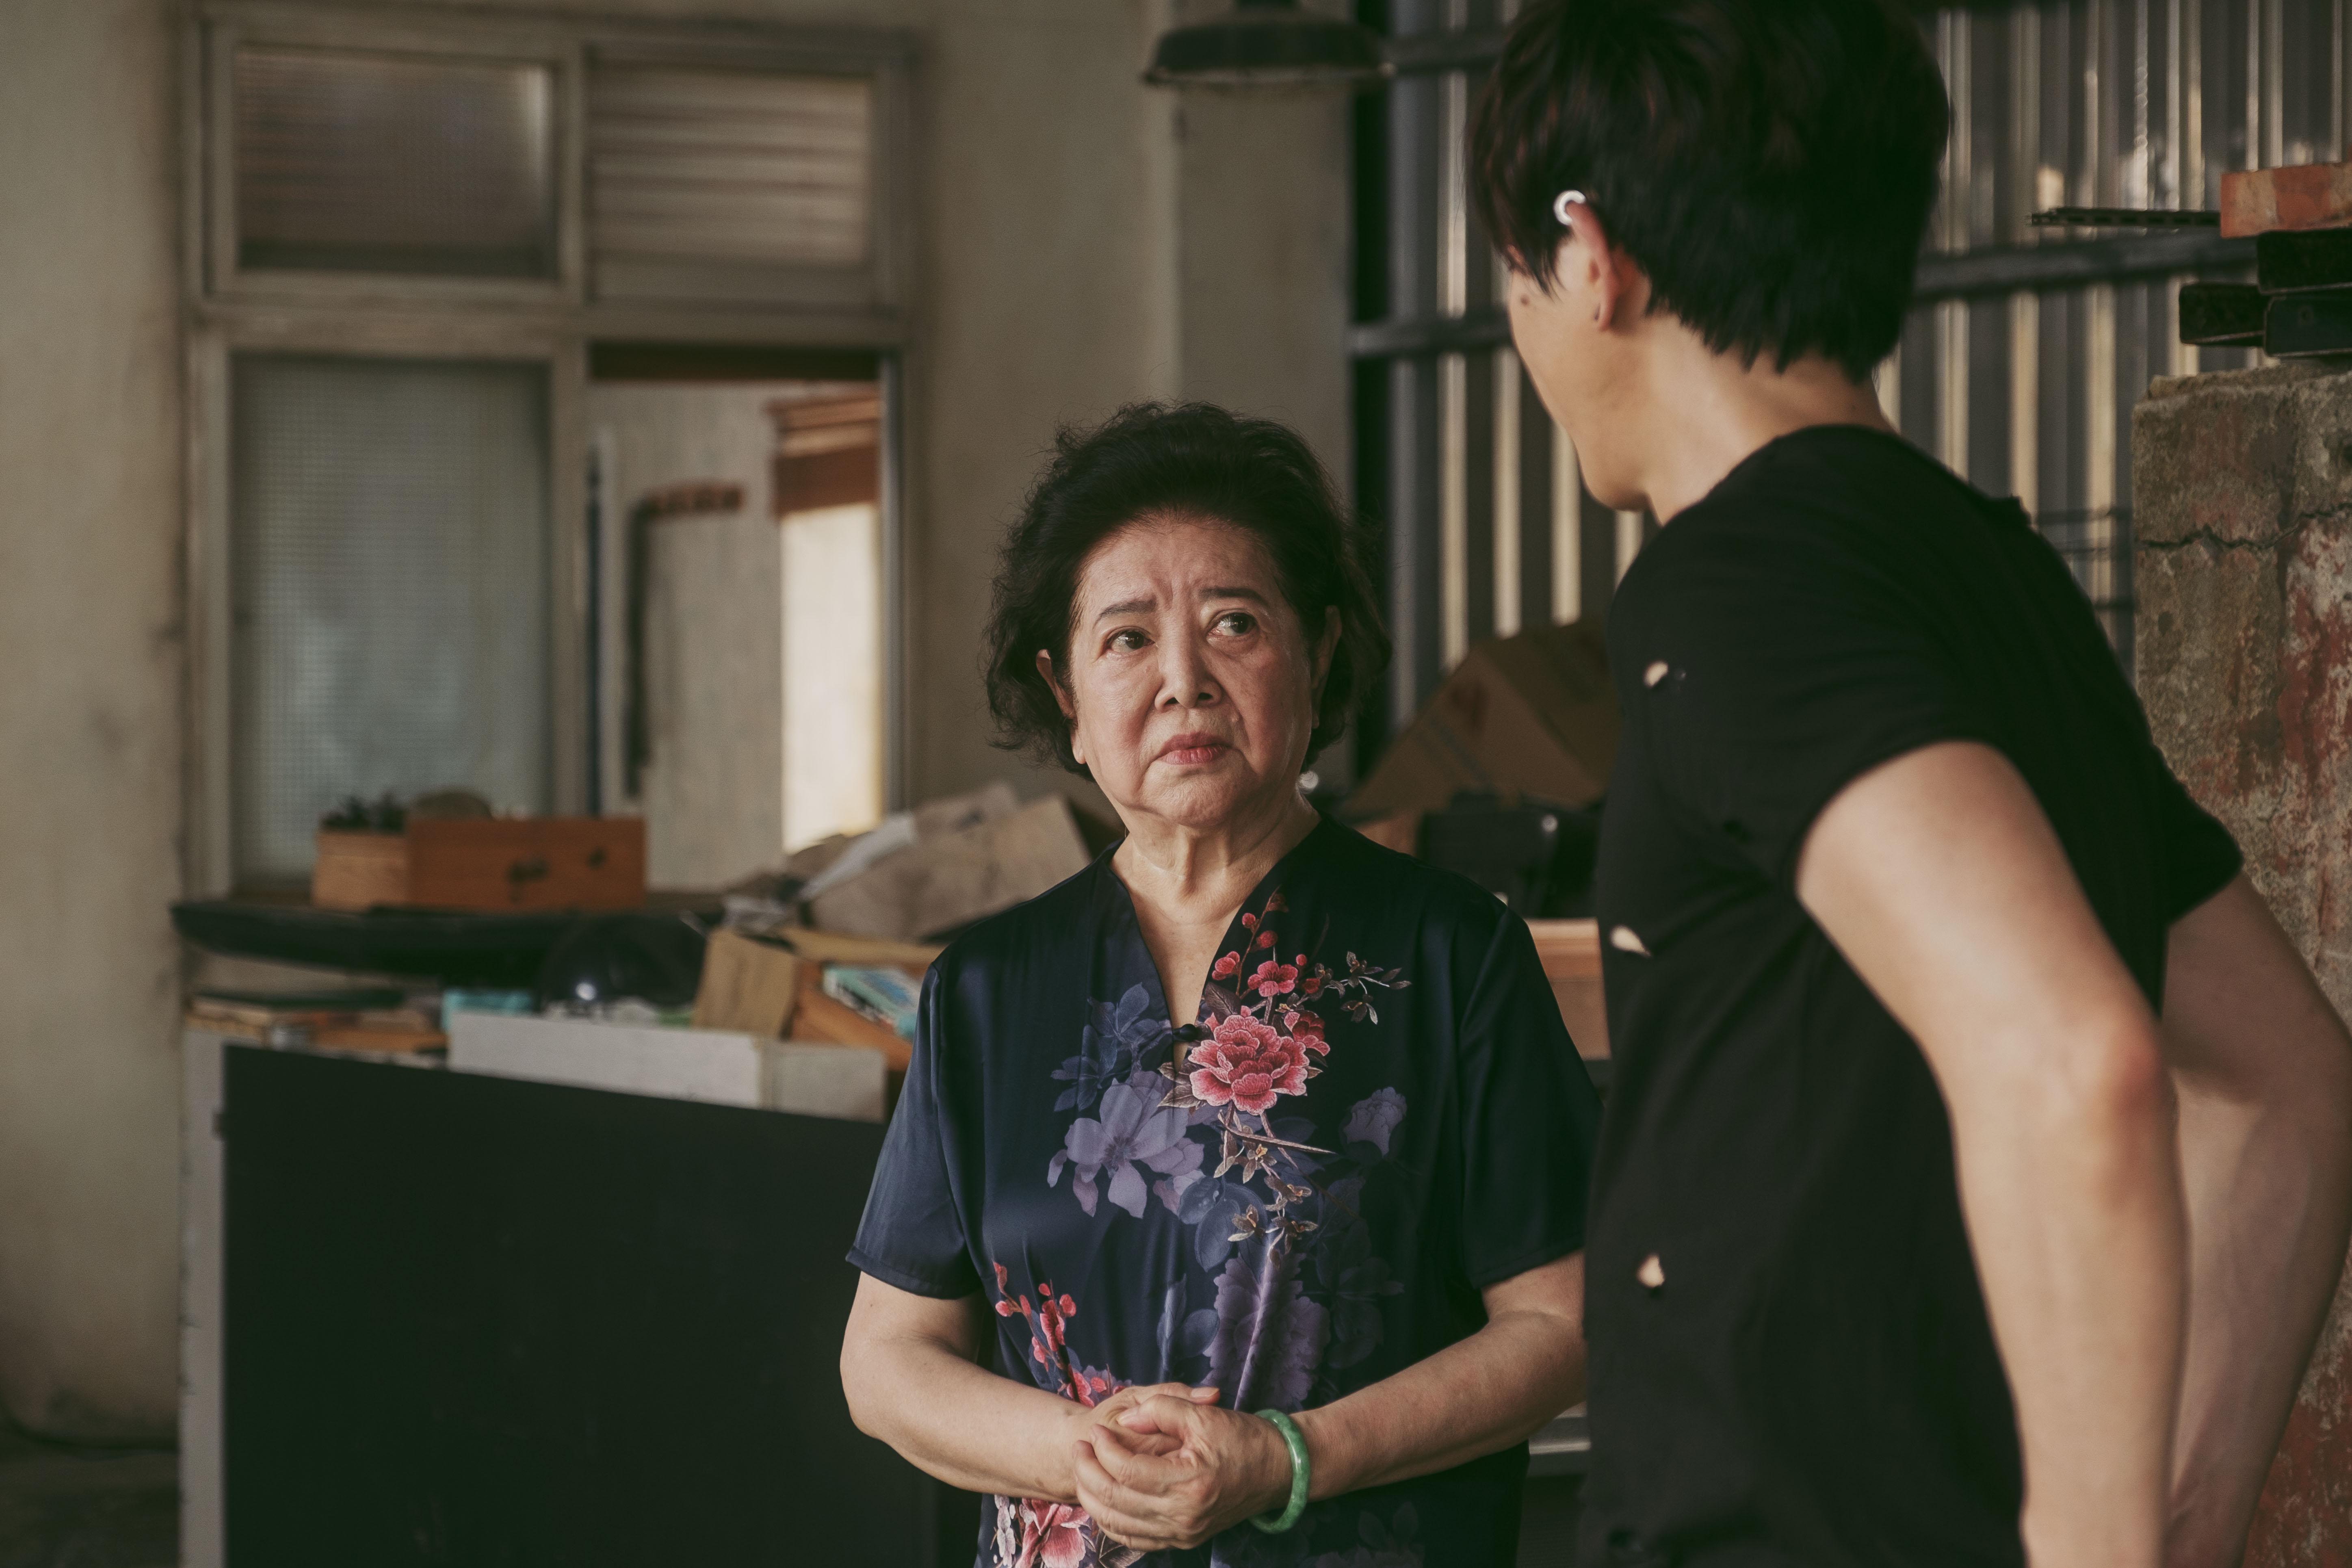 莫子儀在《親愛的房客》中飾演陳淑芳的租客,兩人詮釋微妙氣氛令人印象深刻